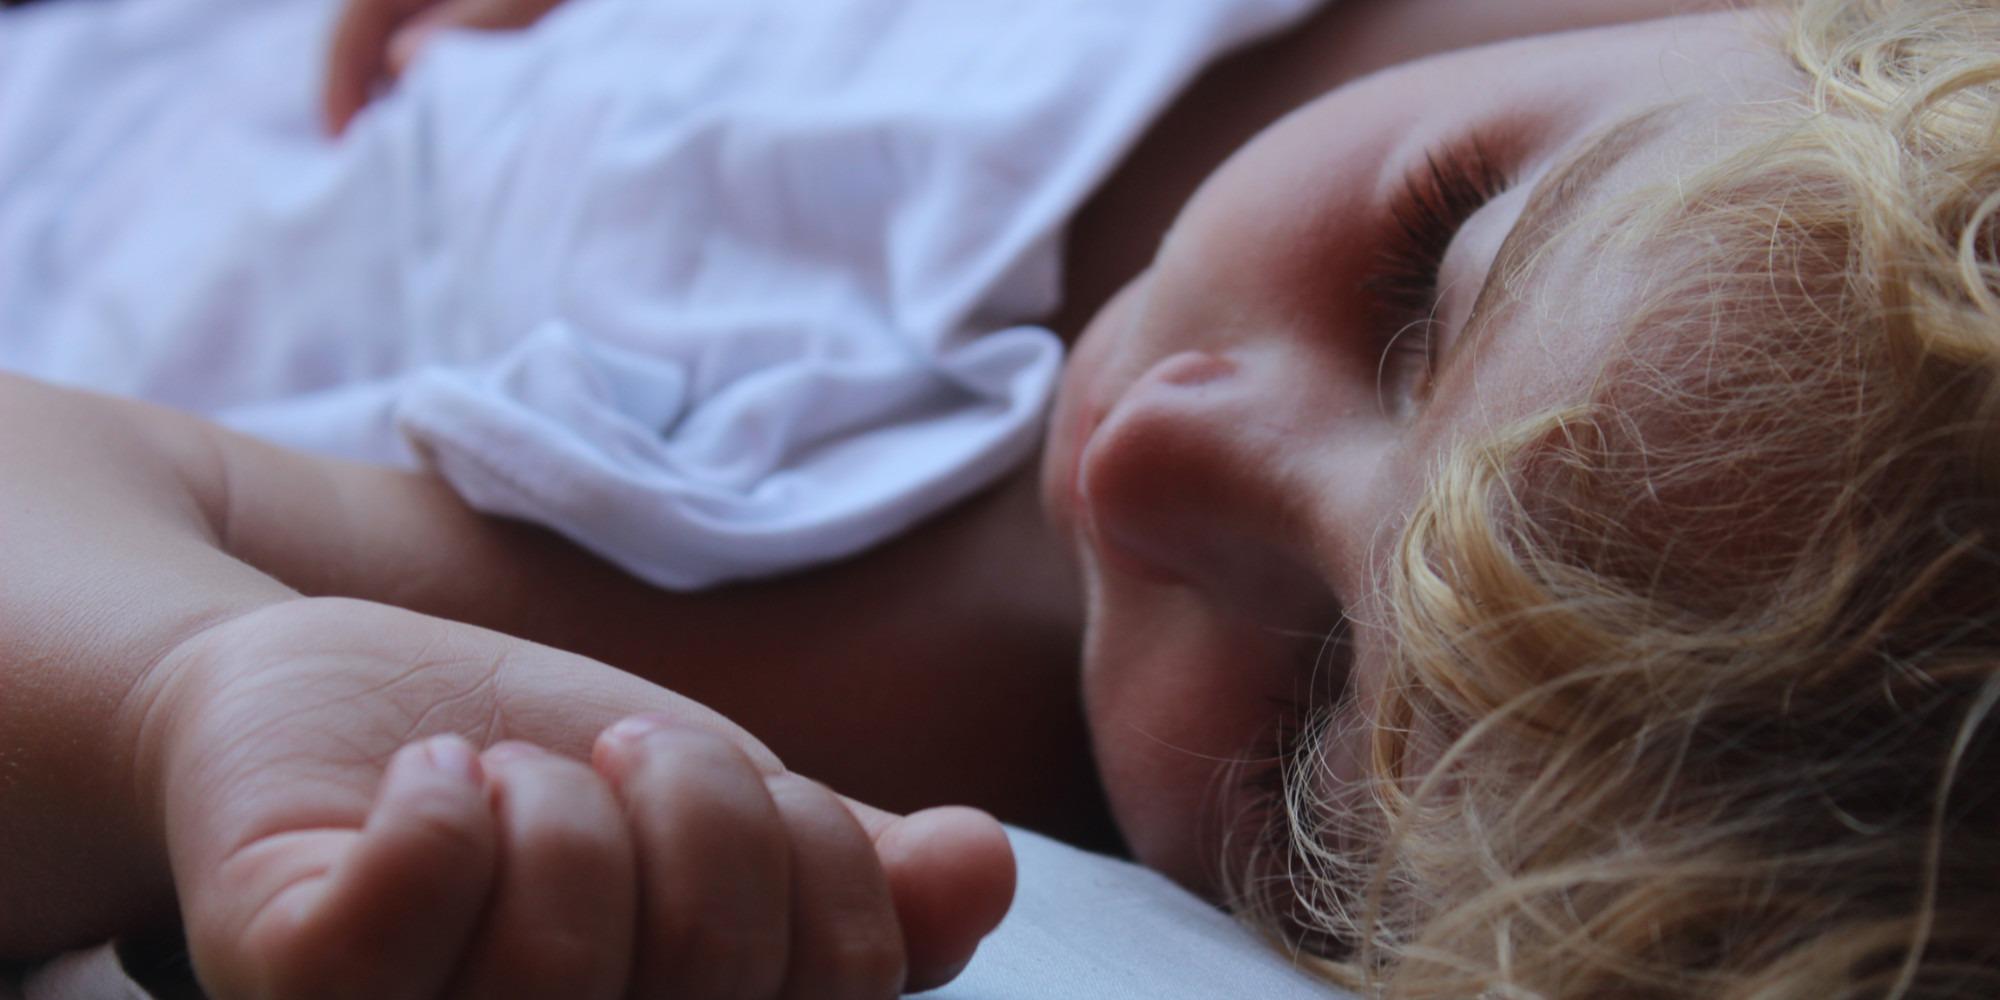 Fièvre et irruption cutanée chez l'enfant : quand aller aux urgences ? - Europe 1